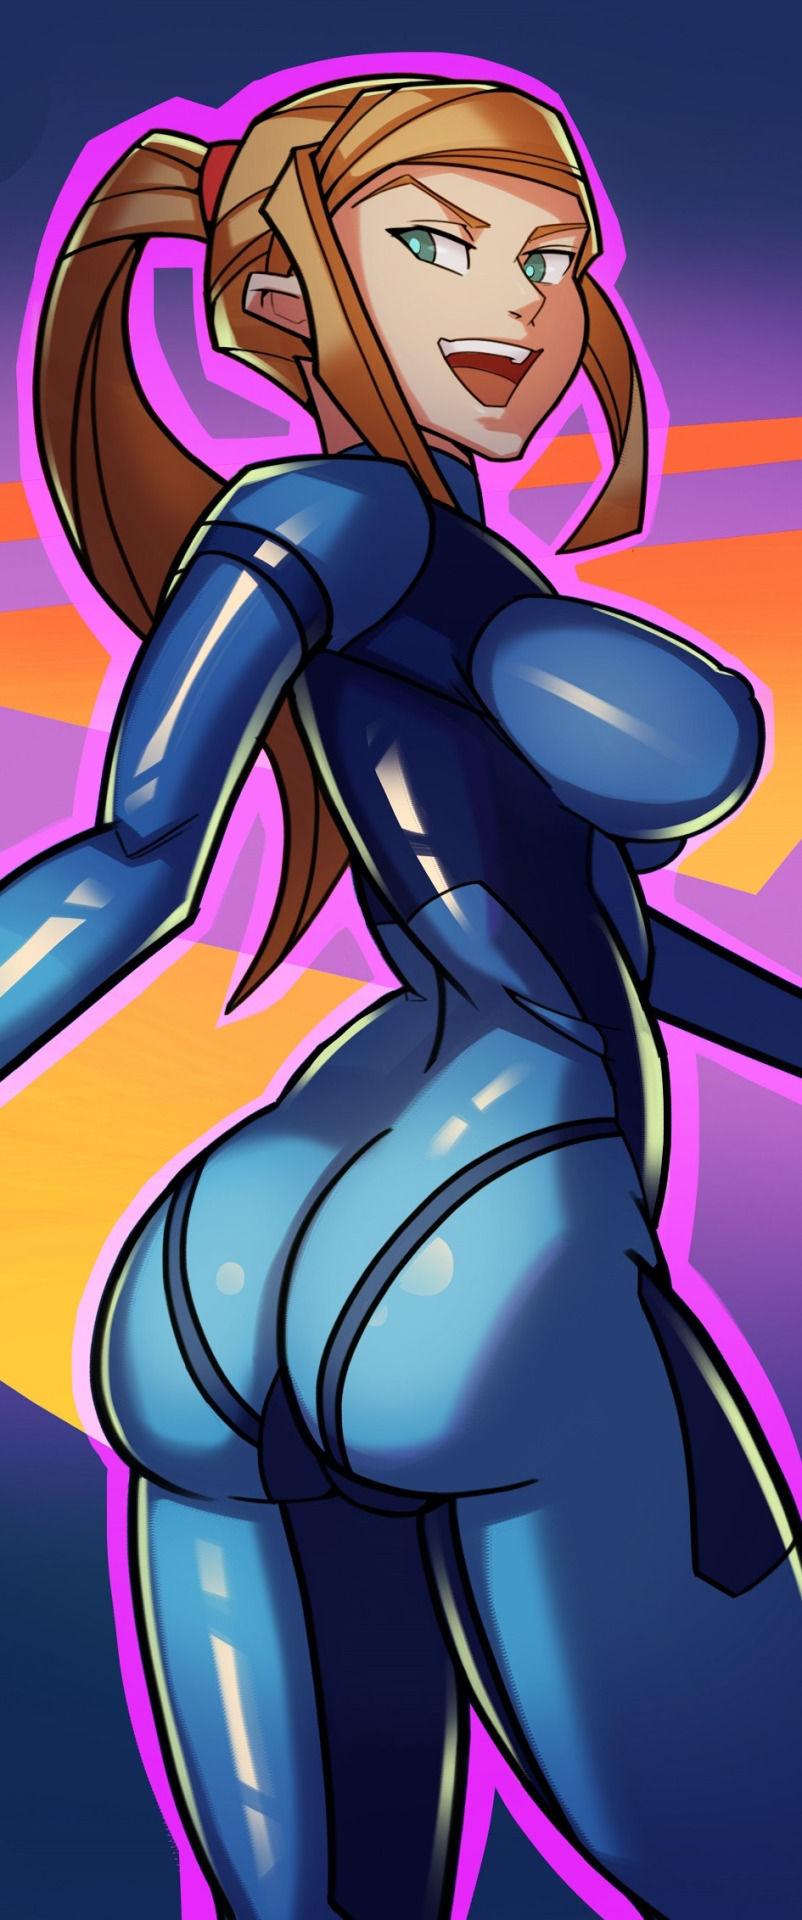 Artist - SplashBrush - part 7